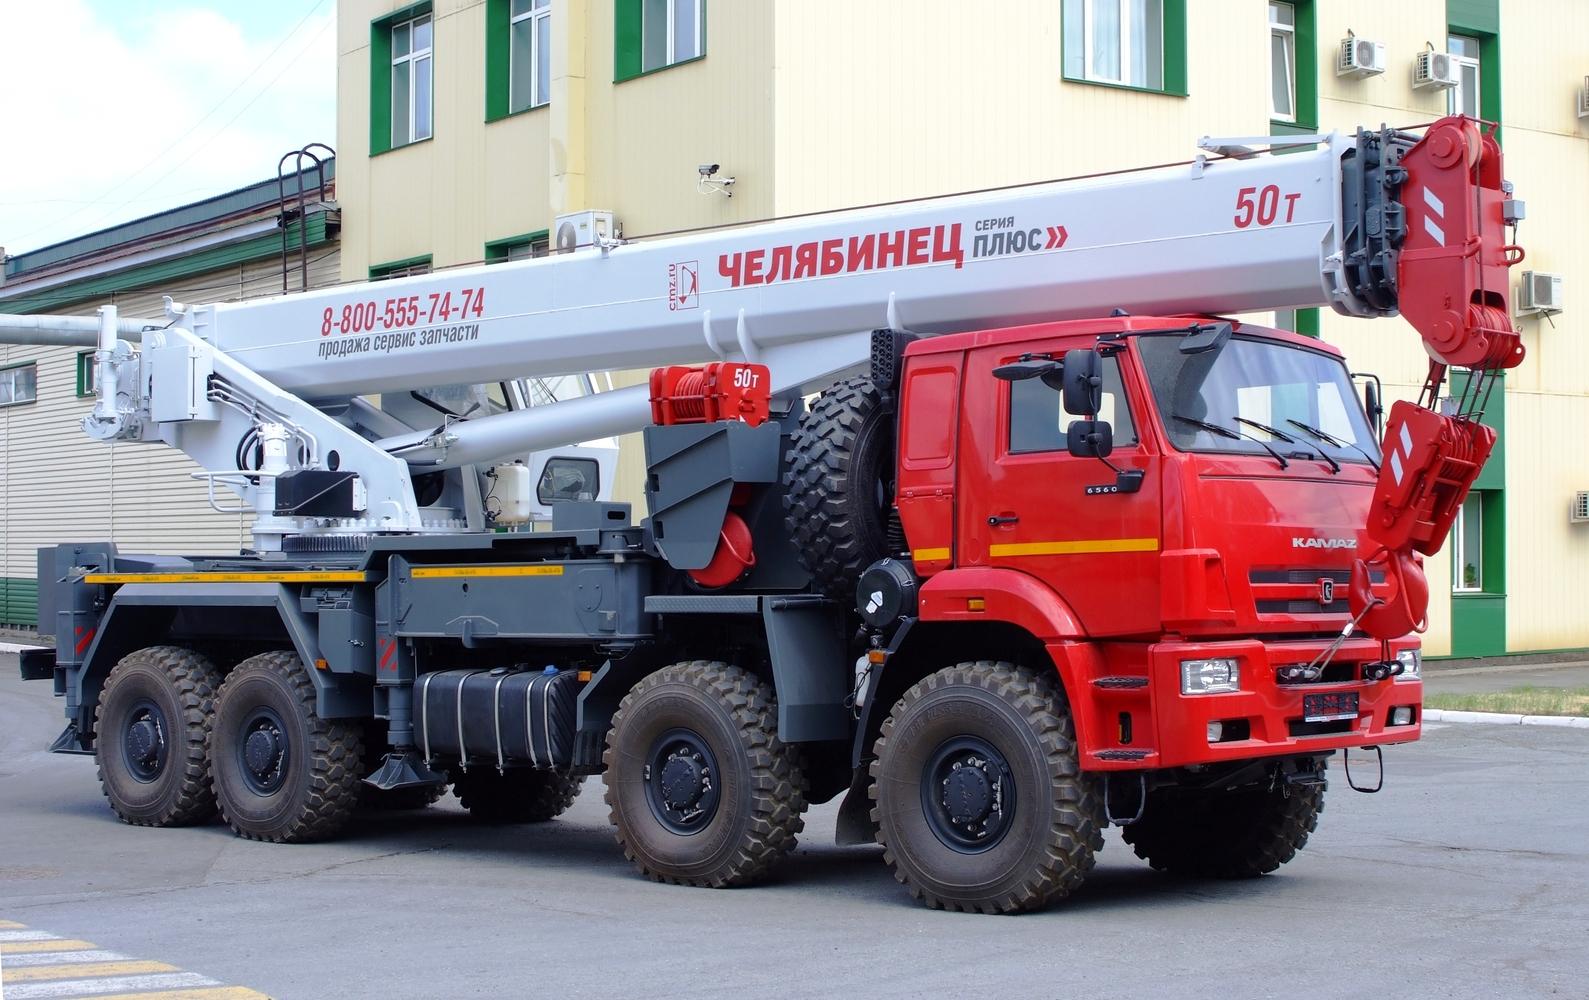 Продается Челябинец 50 тонн